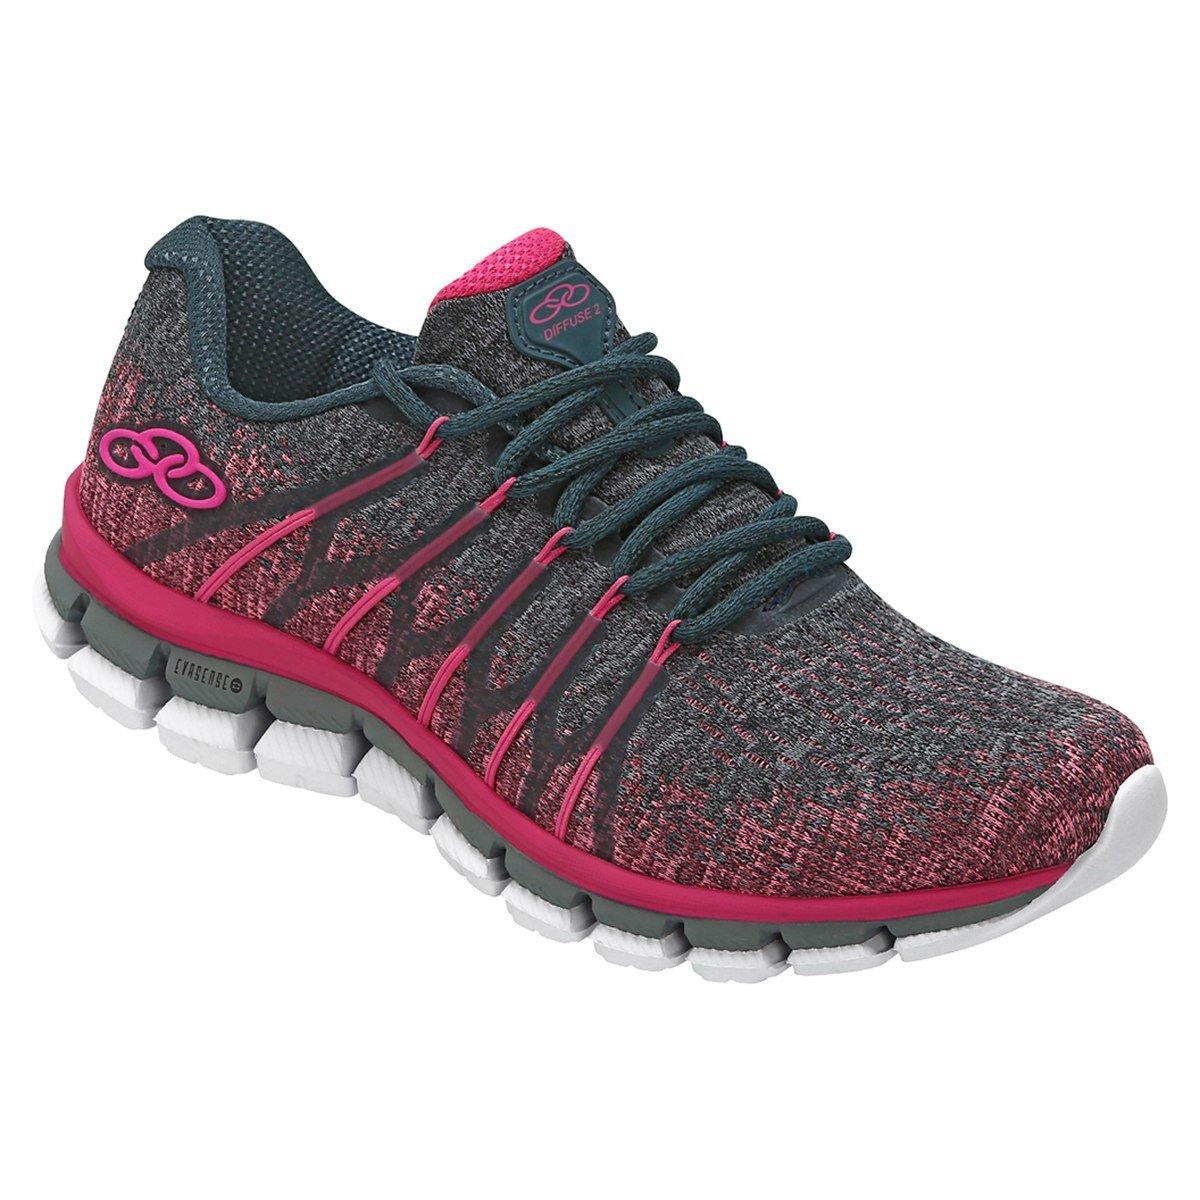 c9234e98d56 Tênis Olympikus Diffuse 2 Feminino 463 - Pink Petroleo - Calçados ...